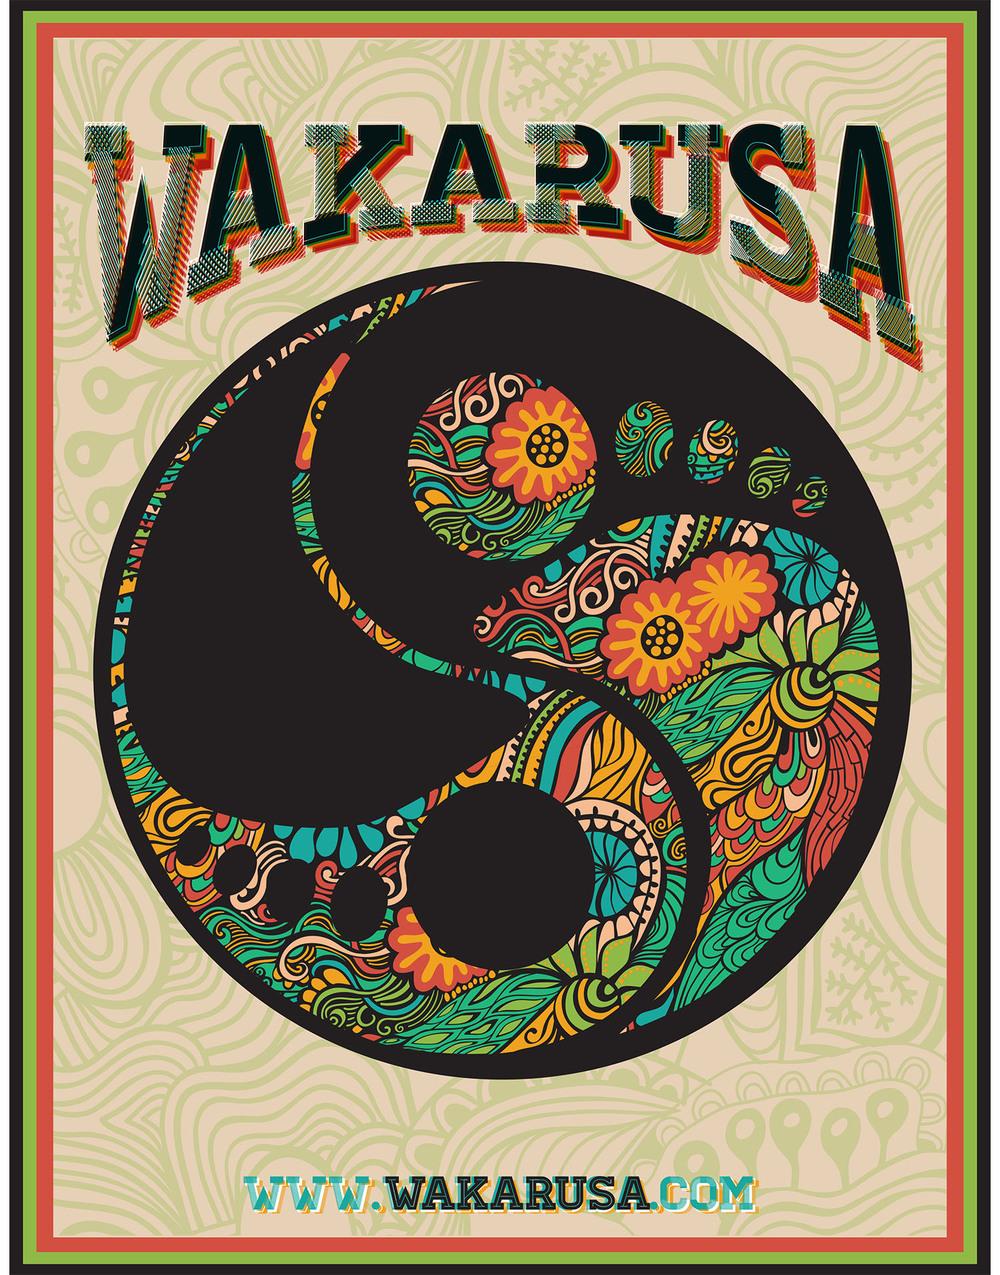 Wakarusa.jpg